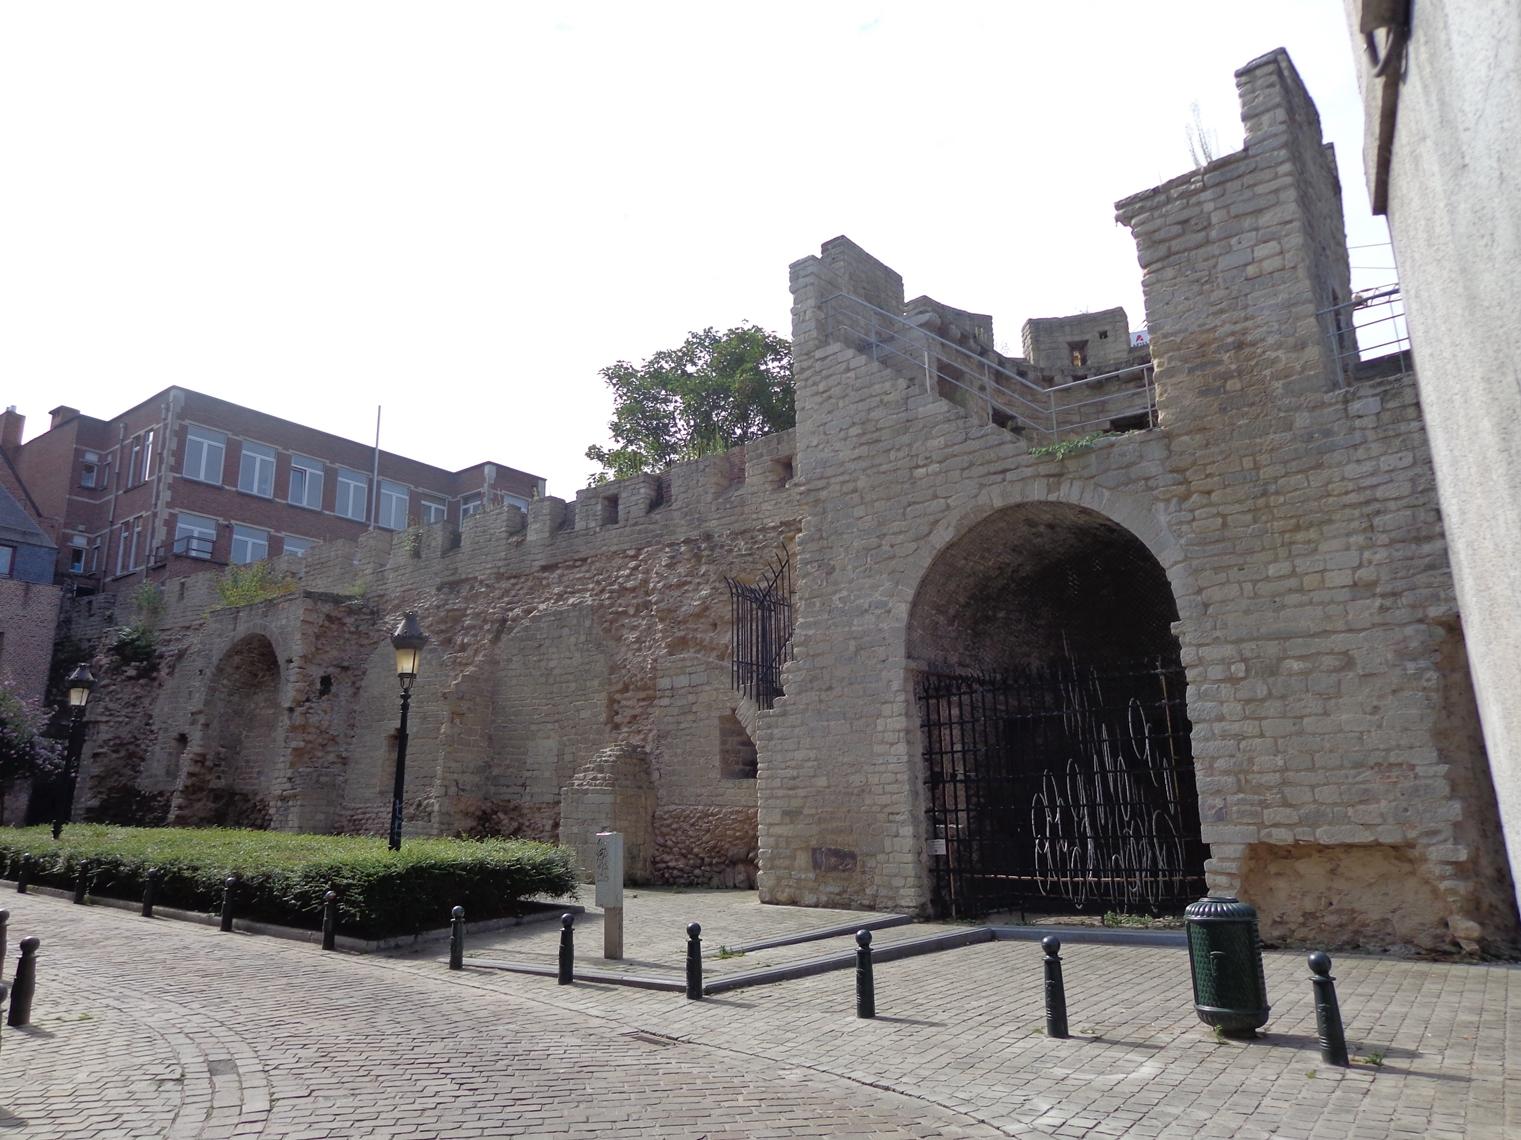 Rue de Villers, Tour de Villers, vestiges d'une tour et d'une partie du mur de la première enceinte, 2015